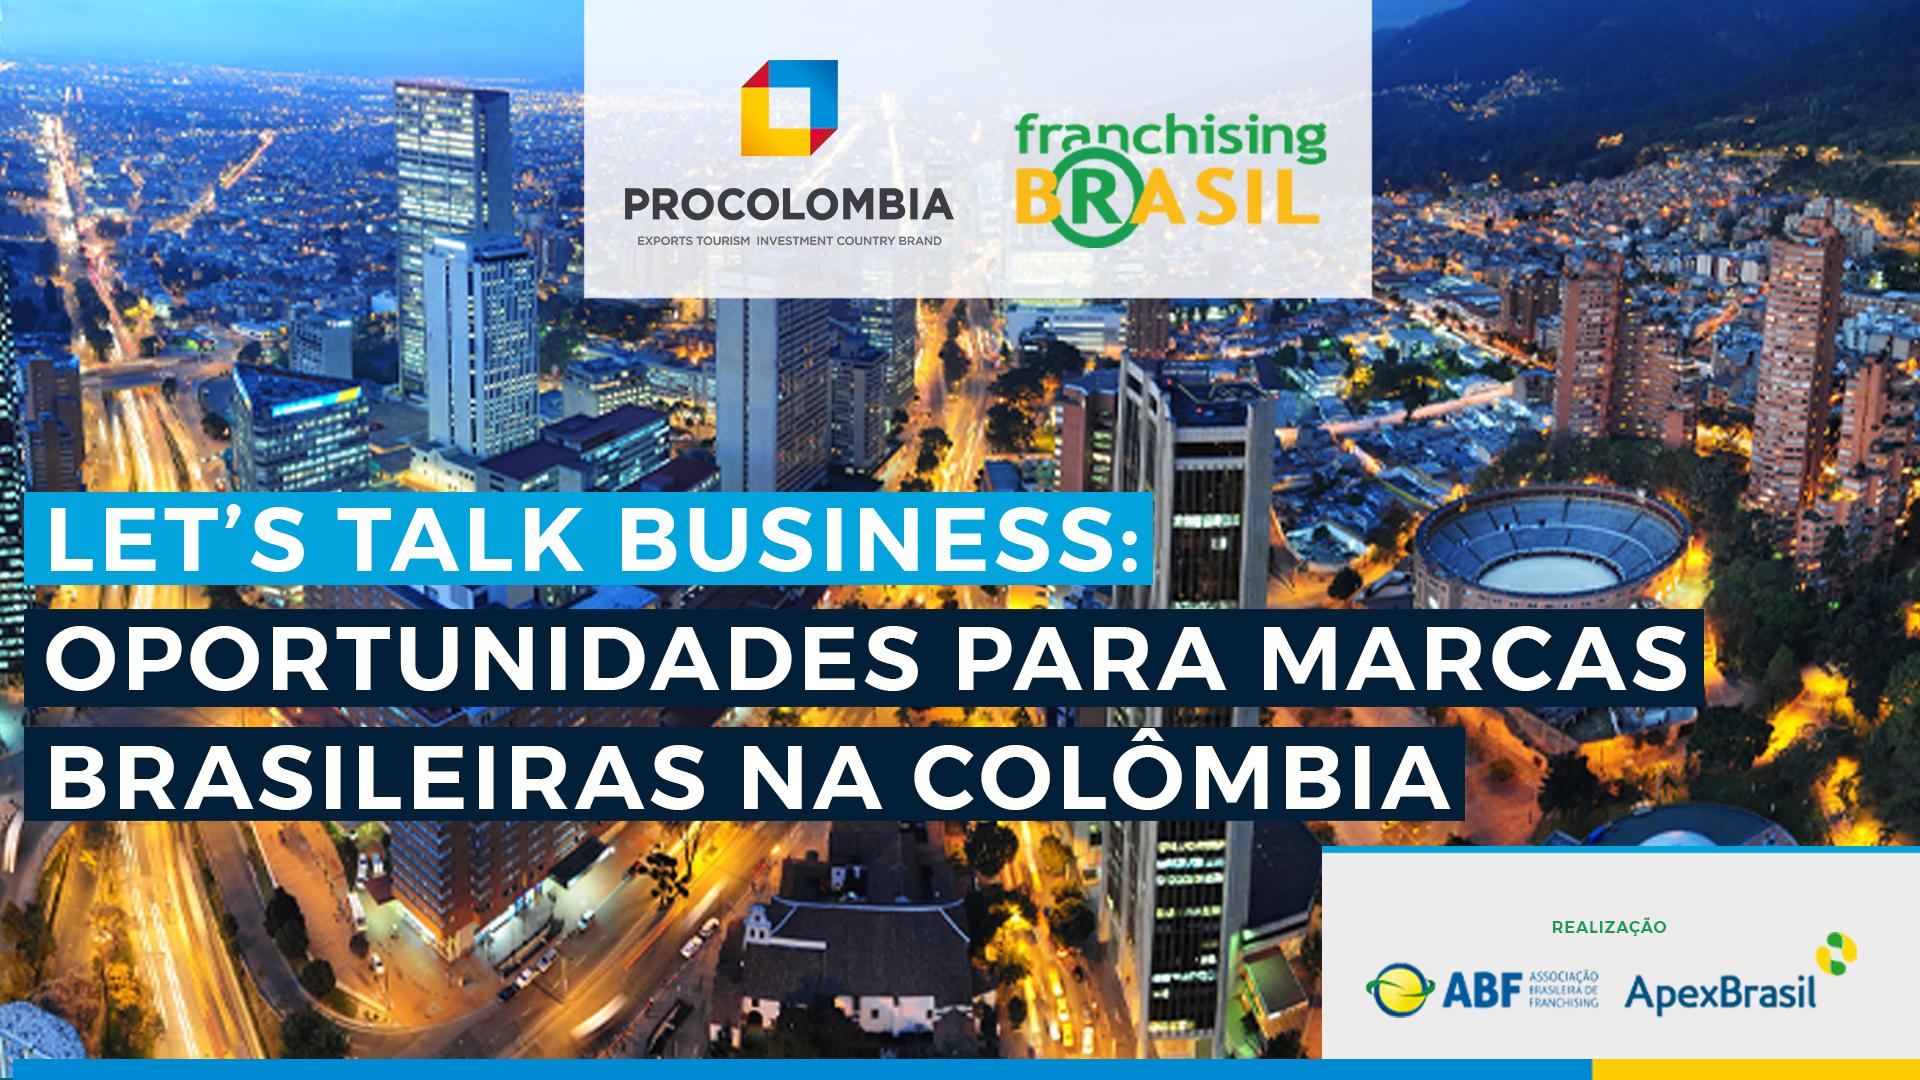 Let's Talk Business: Franchising Brasil promove ação virtual com oportunidades para marcas brasileiras na Colômbia